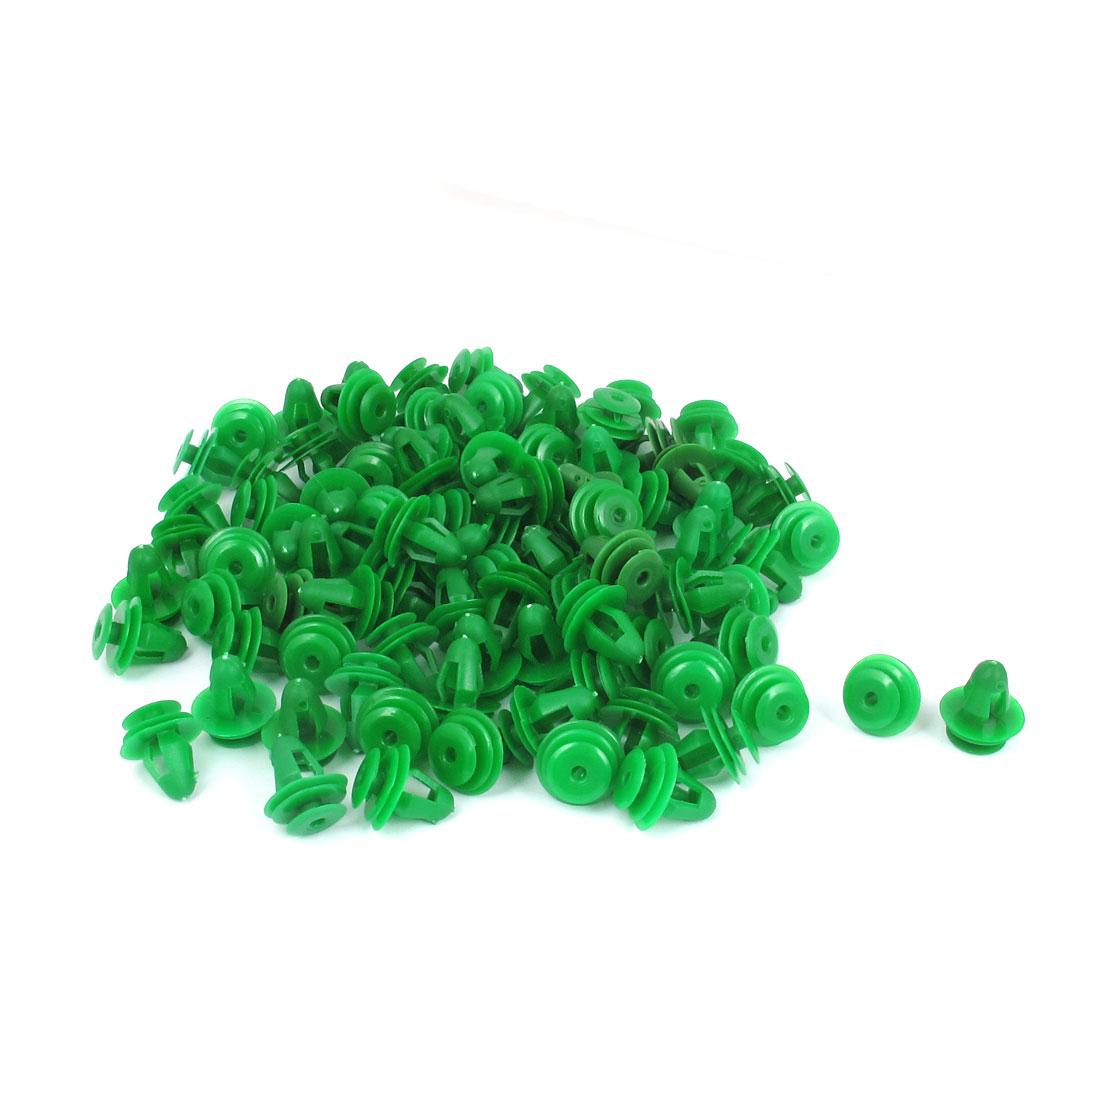 100pcs Green Plastic Door Fender Bumper Push Rivets Screw Fasteners Clip for Auto Car Vehicle